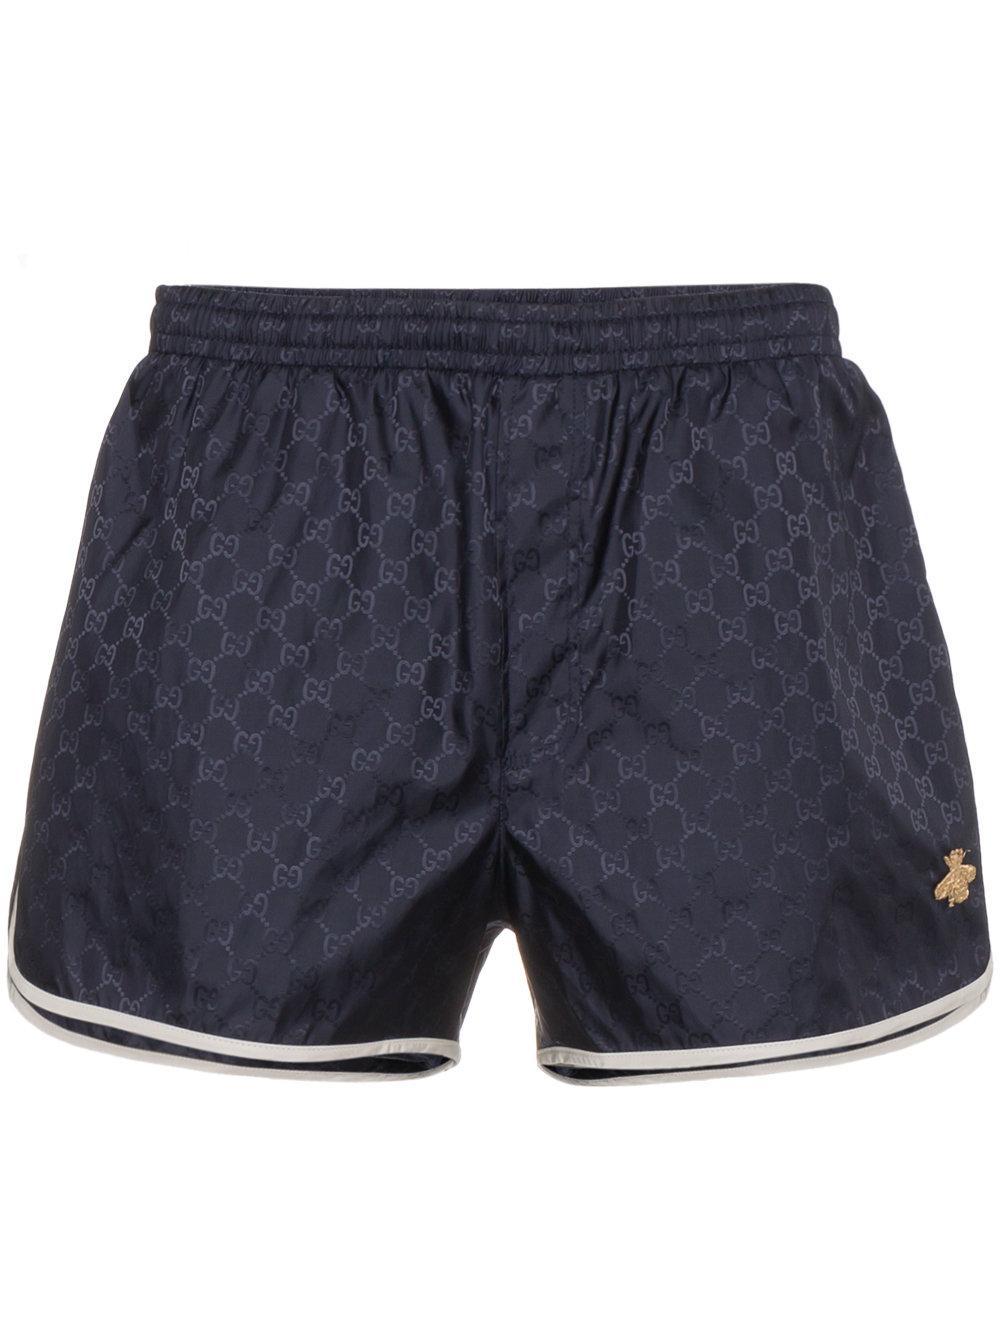 bca98d7dc8 Gucci Gg Nylon Swim Short Trunks In Blue | ModeSens